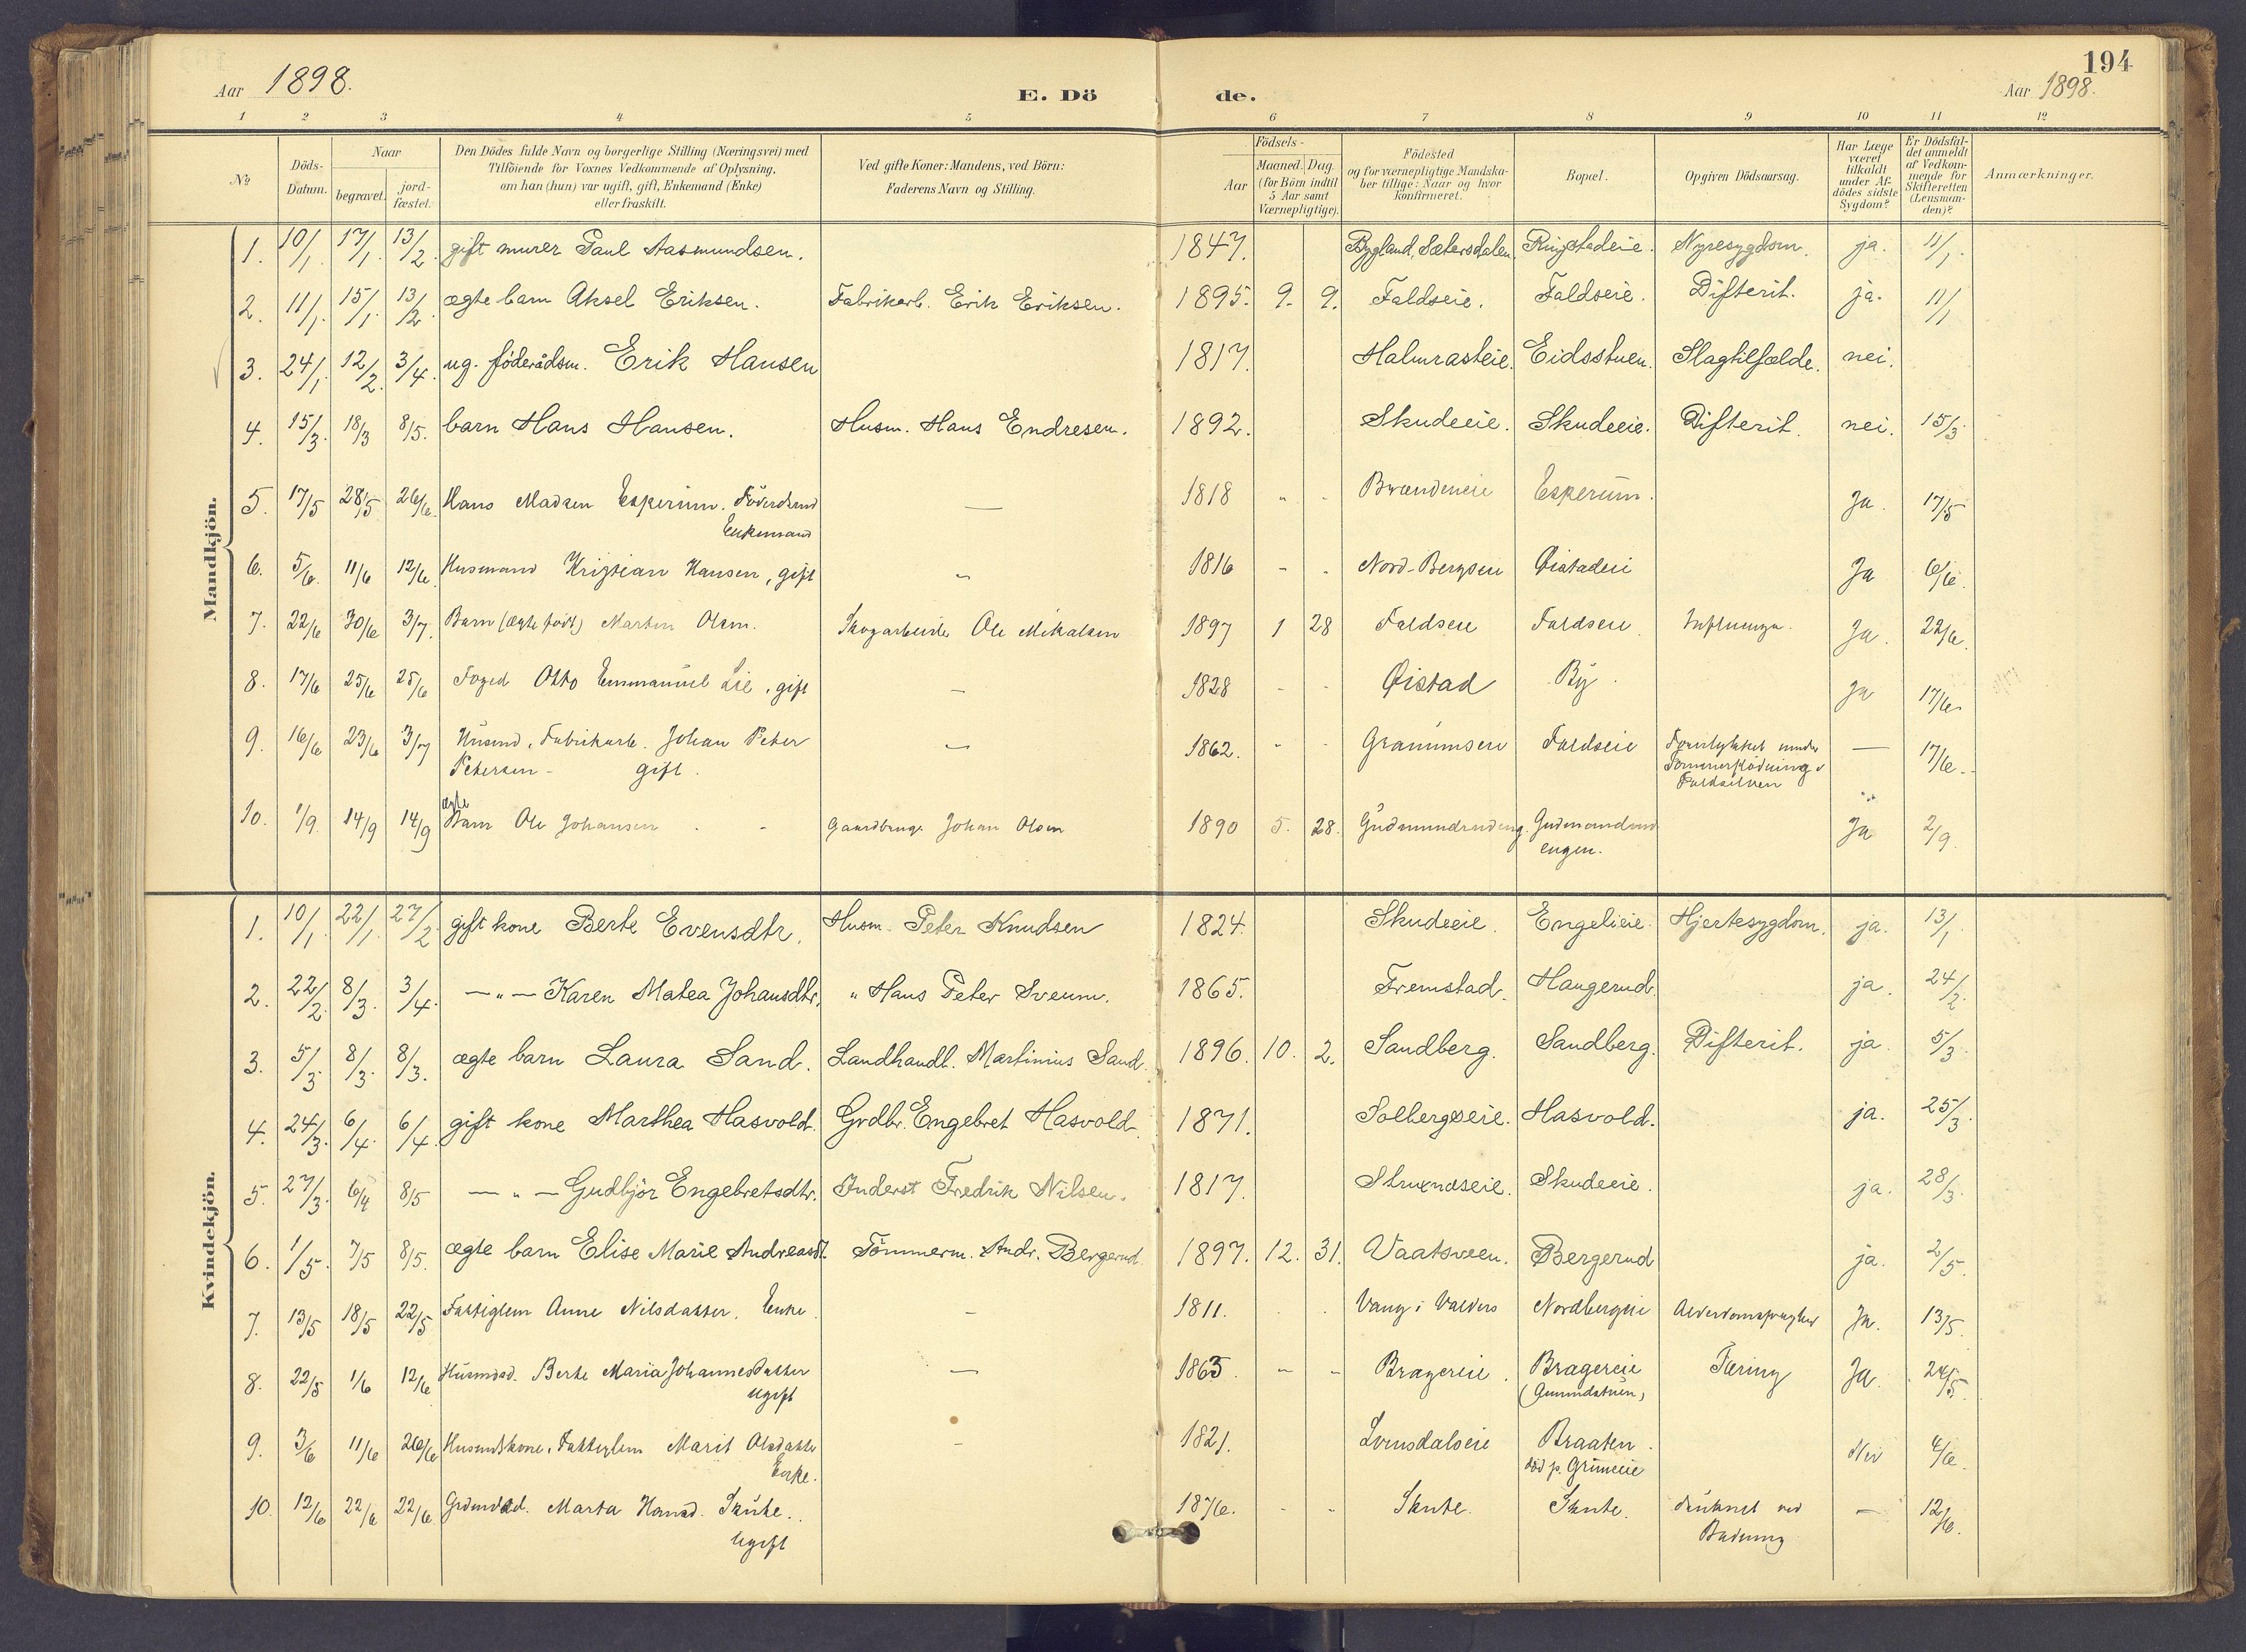 SAH, Søndre Land prestekontor, K/L0006: Ministerialbok nr. 6, 1895-1904, s. 194